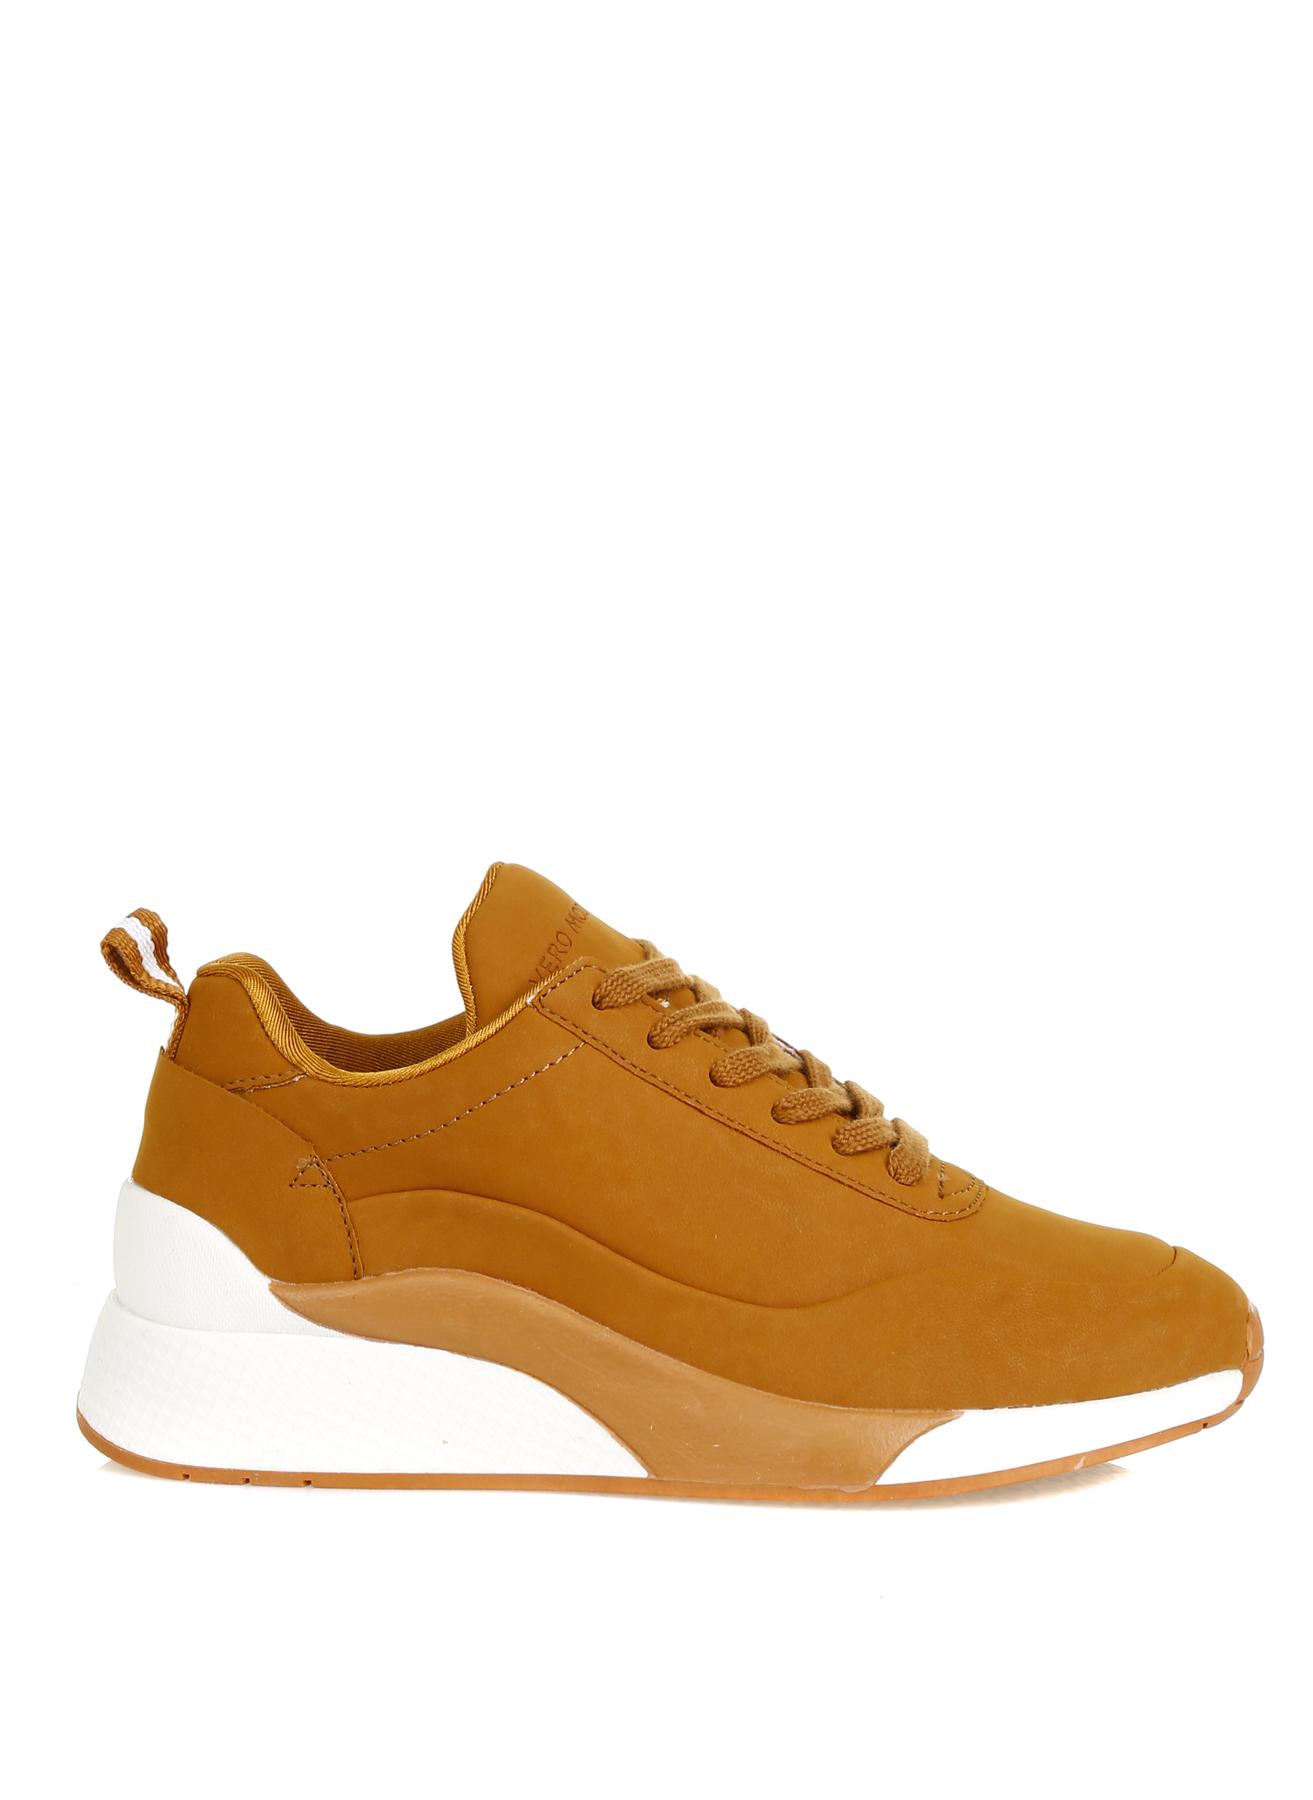 Vero Moda Düz Ayakkabı 39 5002027048004 Ürün Resmi